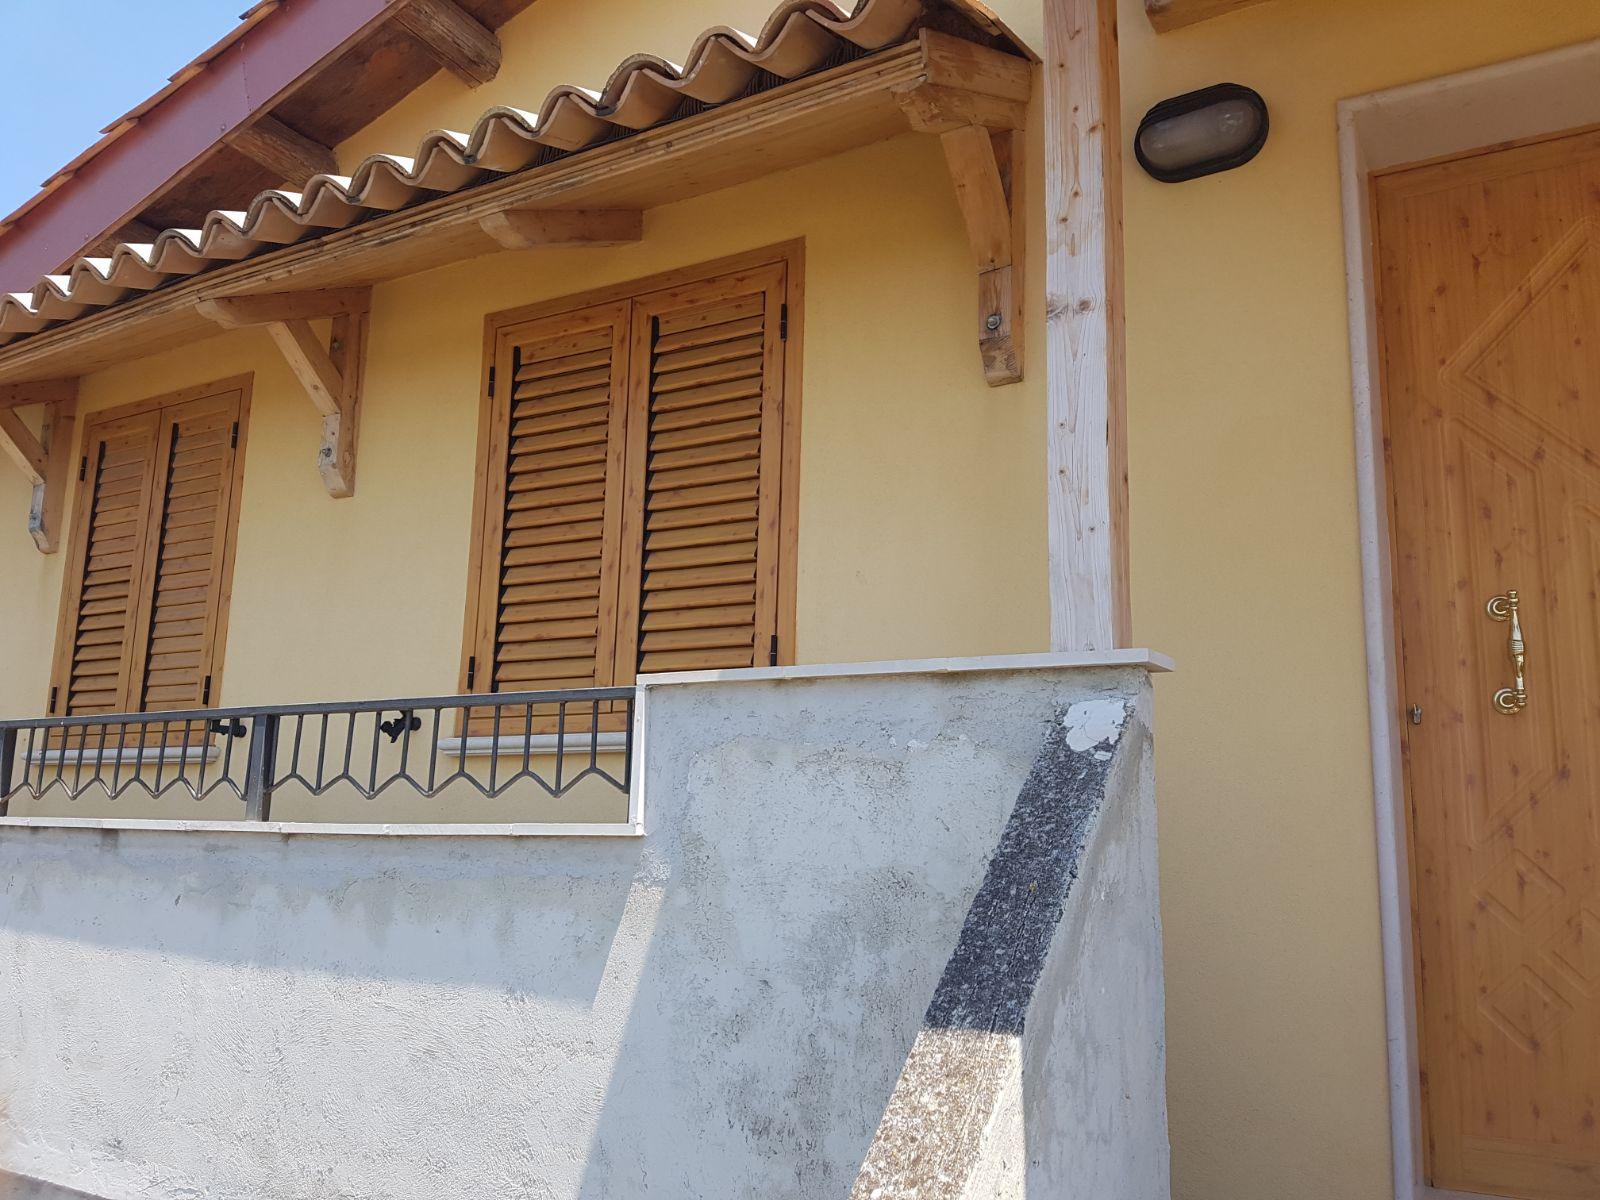 vendita casa indipendente scicli scicli  370000 euro  6 locali  250 mq